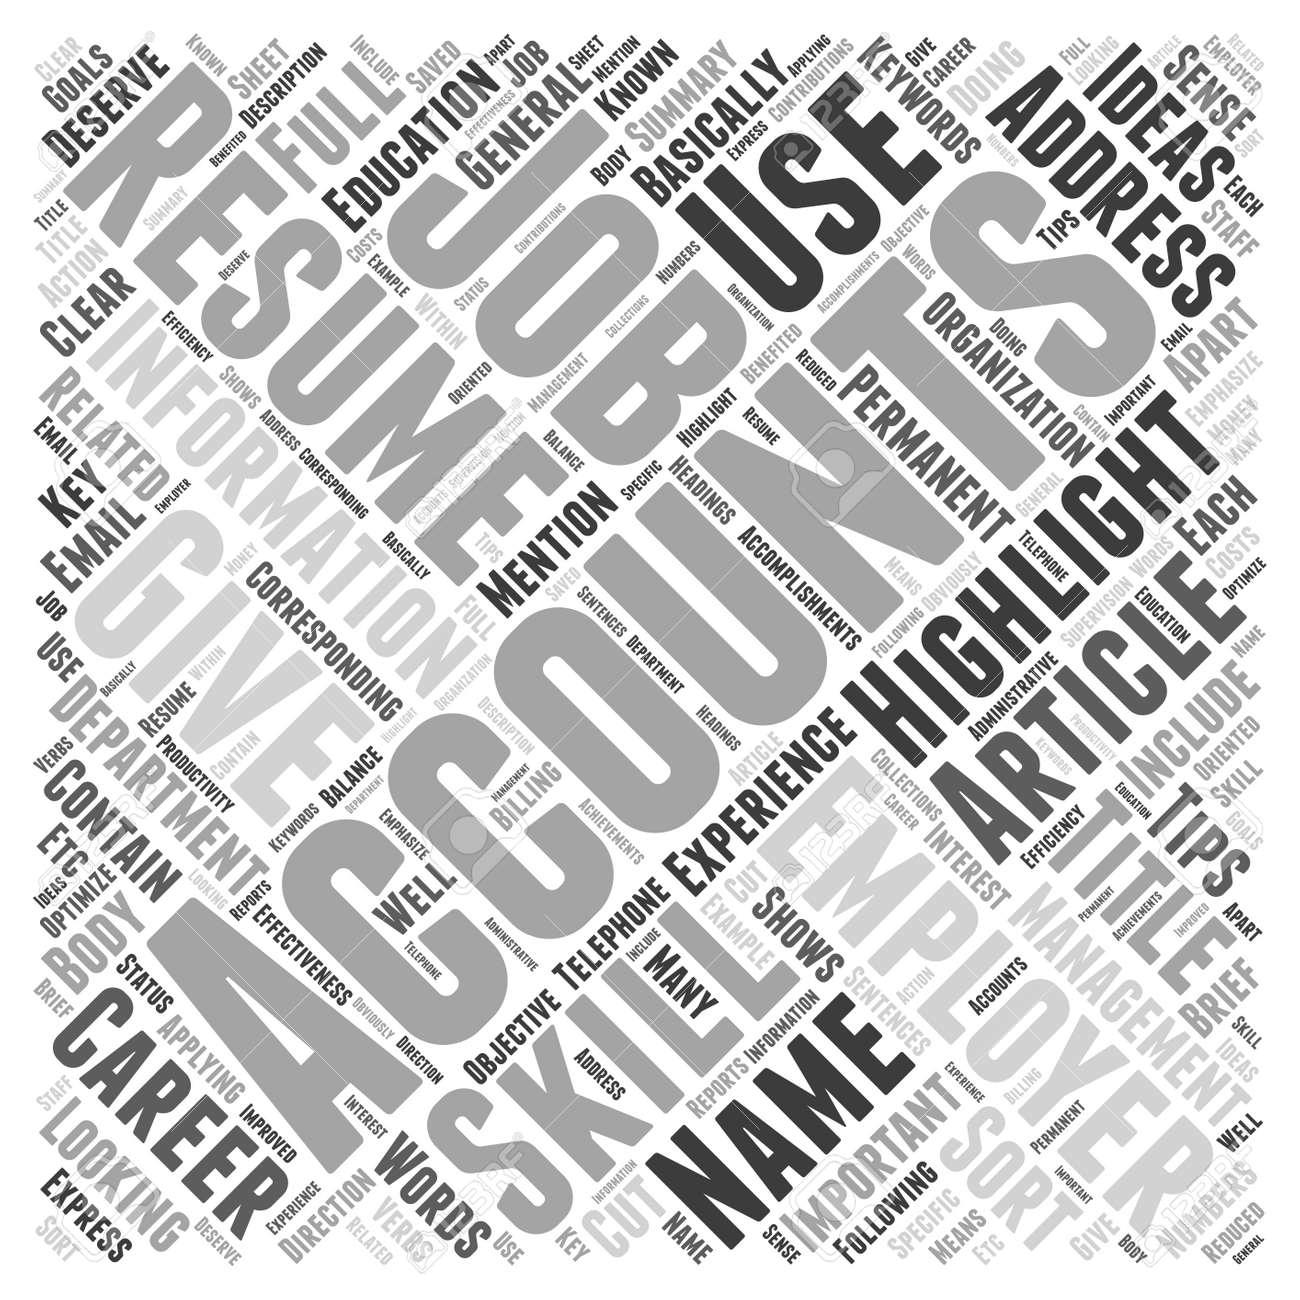 ef68e808390013 Banque d images - Les conseils de reprise de comptable pour vous obtenir le  travail que vous méritez